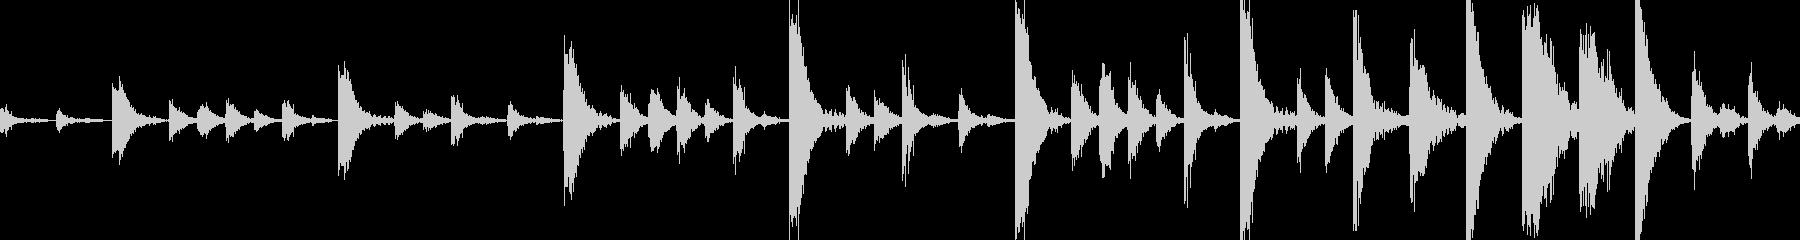 ドラムンベースのリズムループパターン#4の未再生の波形